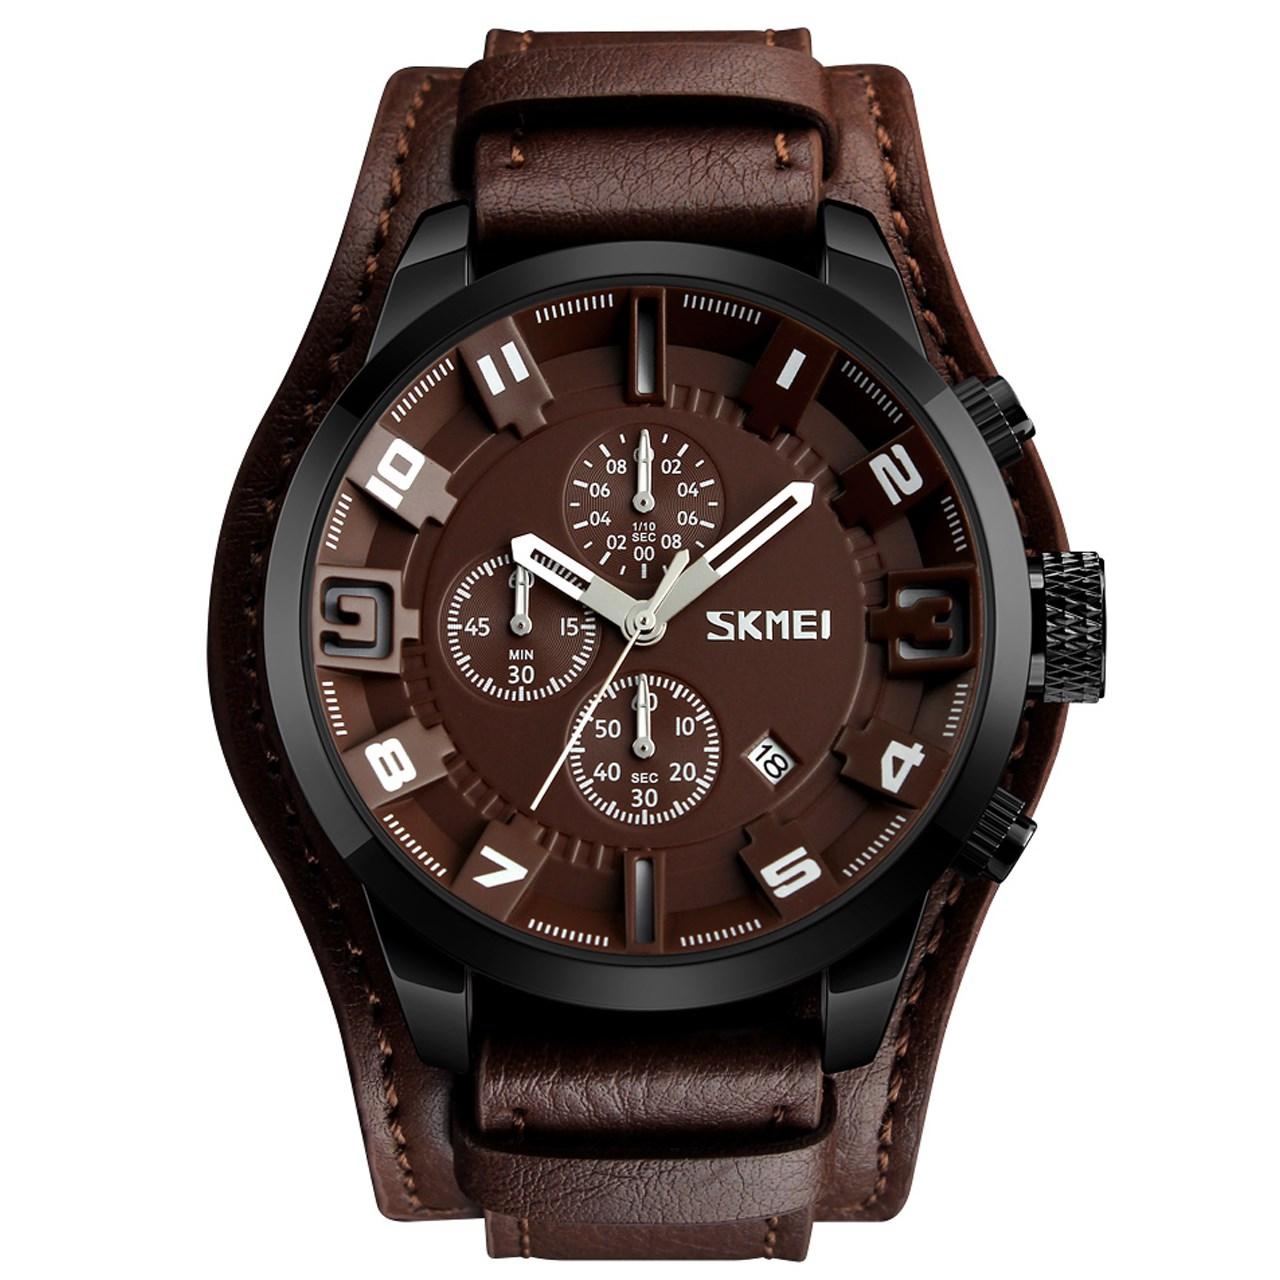 ساعت مچی عقربه ای مردانه اسکمی مدل 9165 کد 02              ارزان